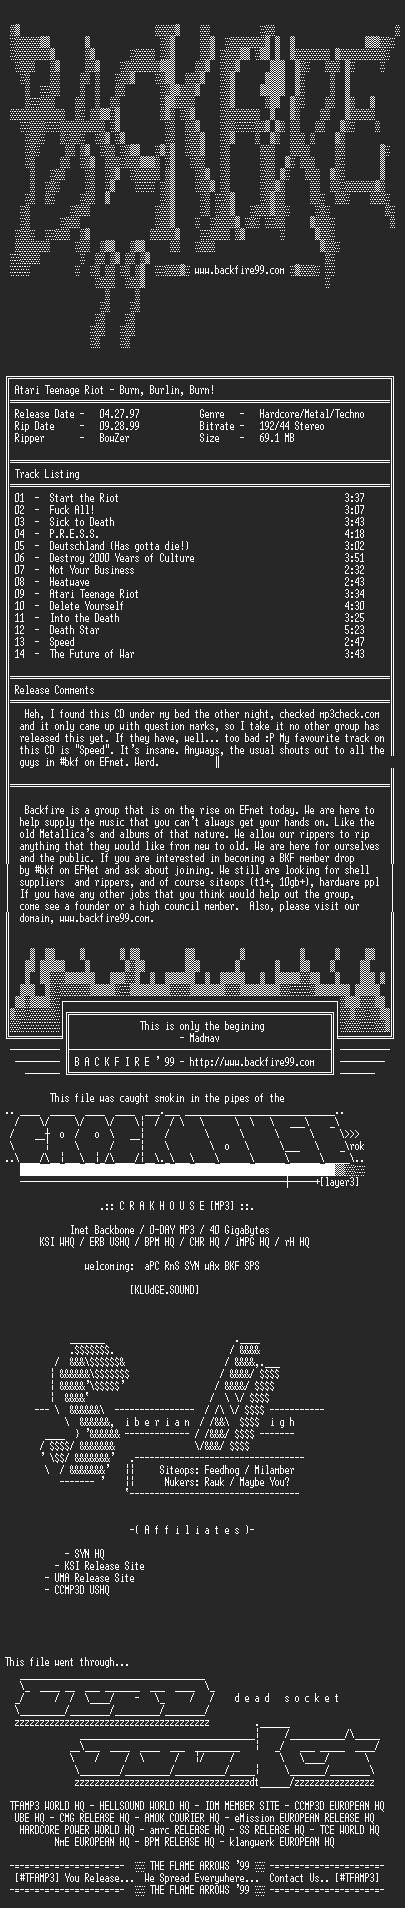 NFO file for Atari_Teenage_Riot-Burn_Berlin_Burn-1997-BKF